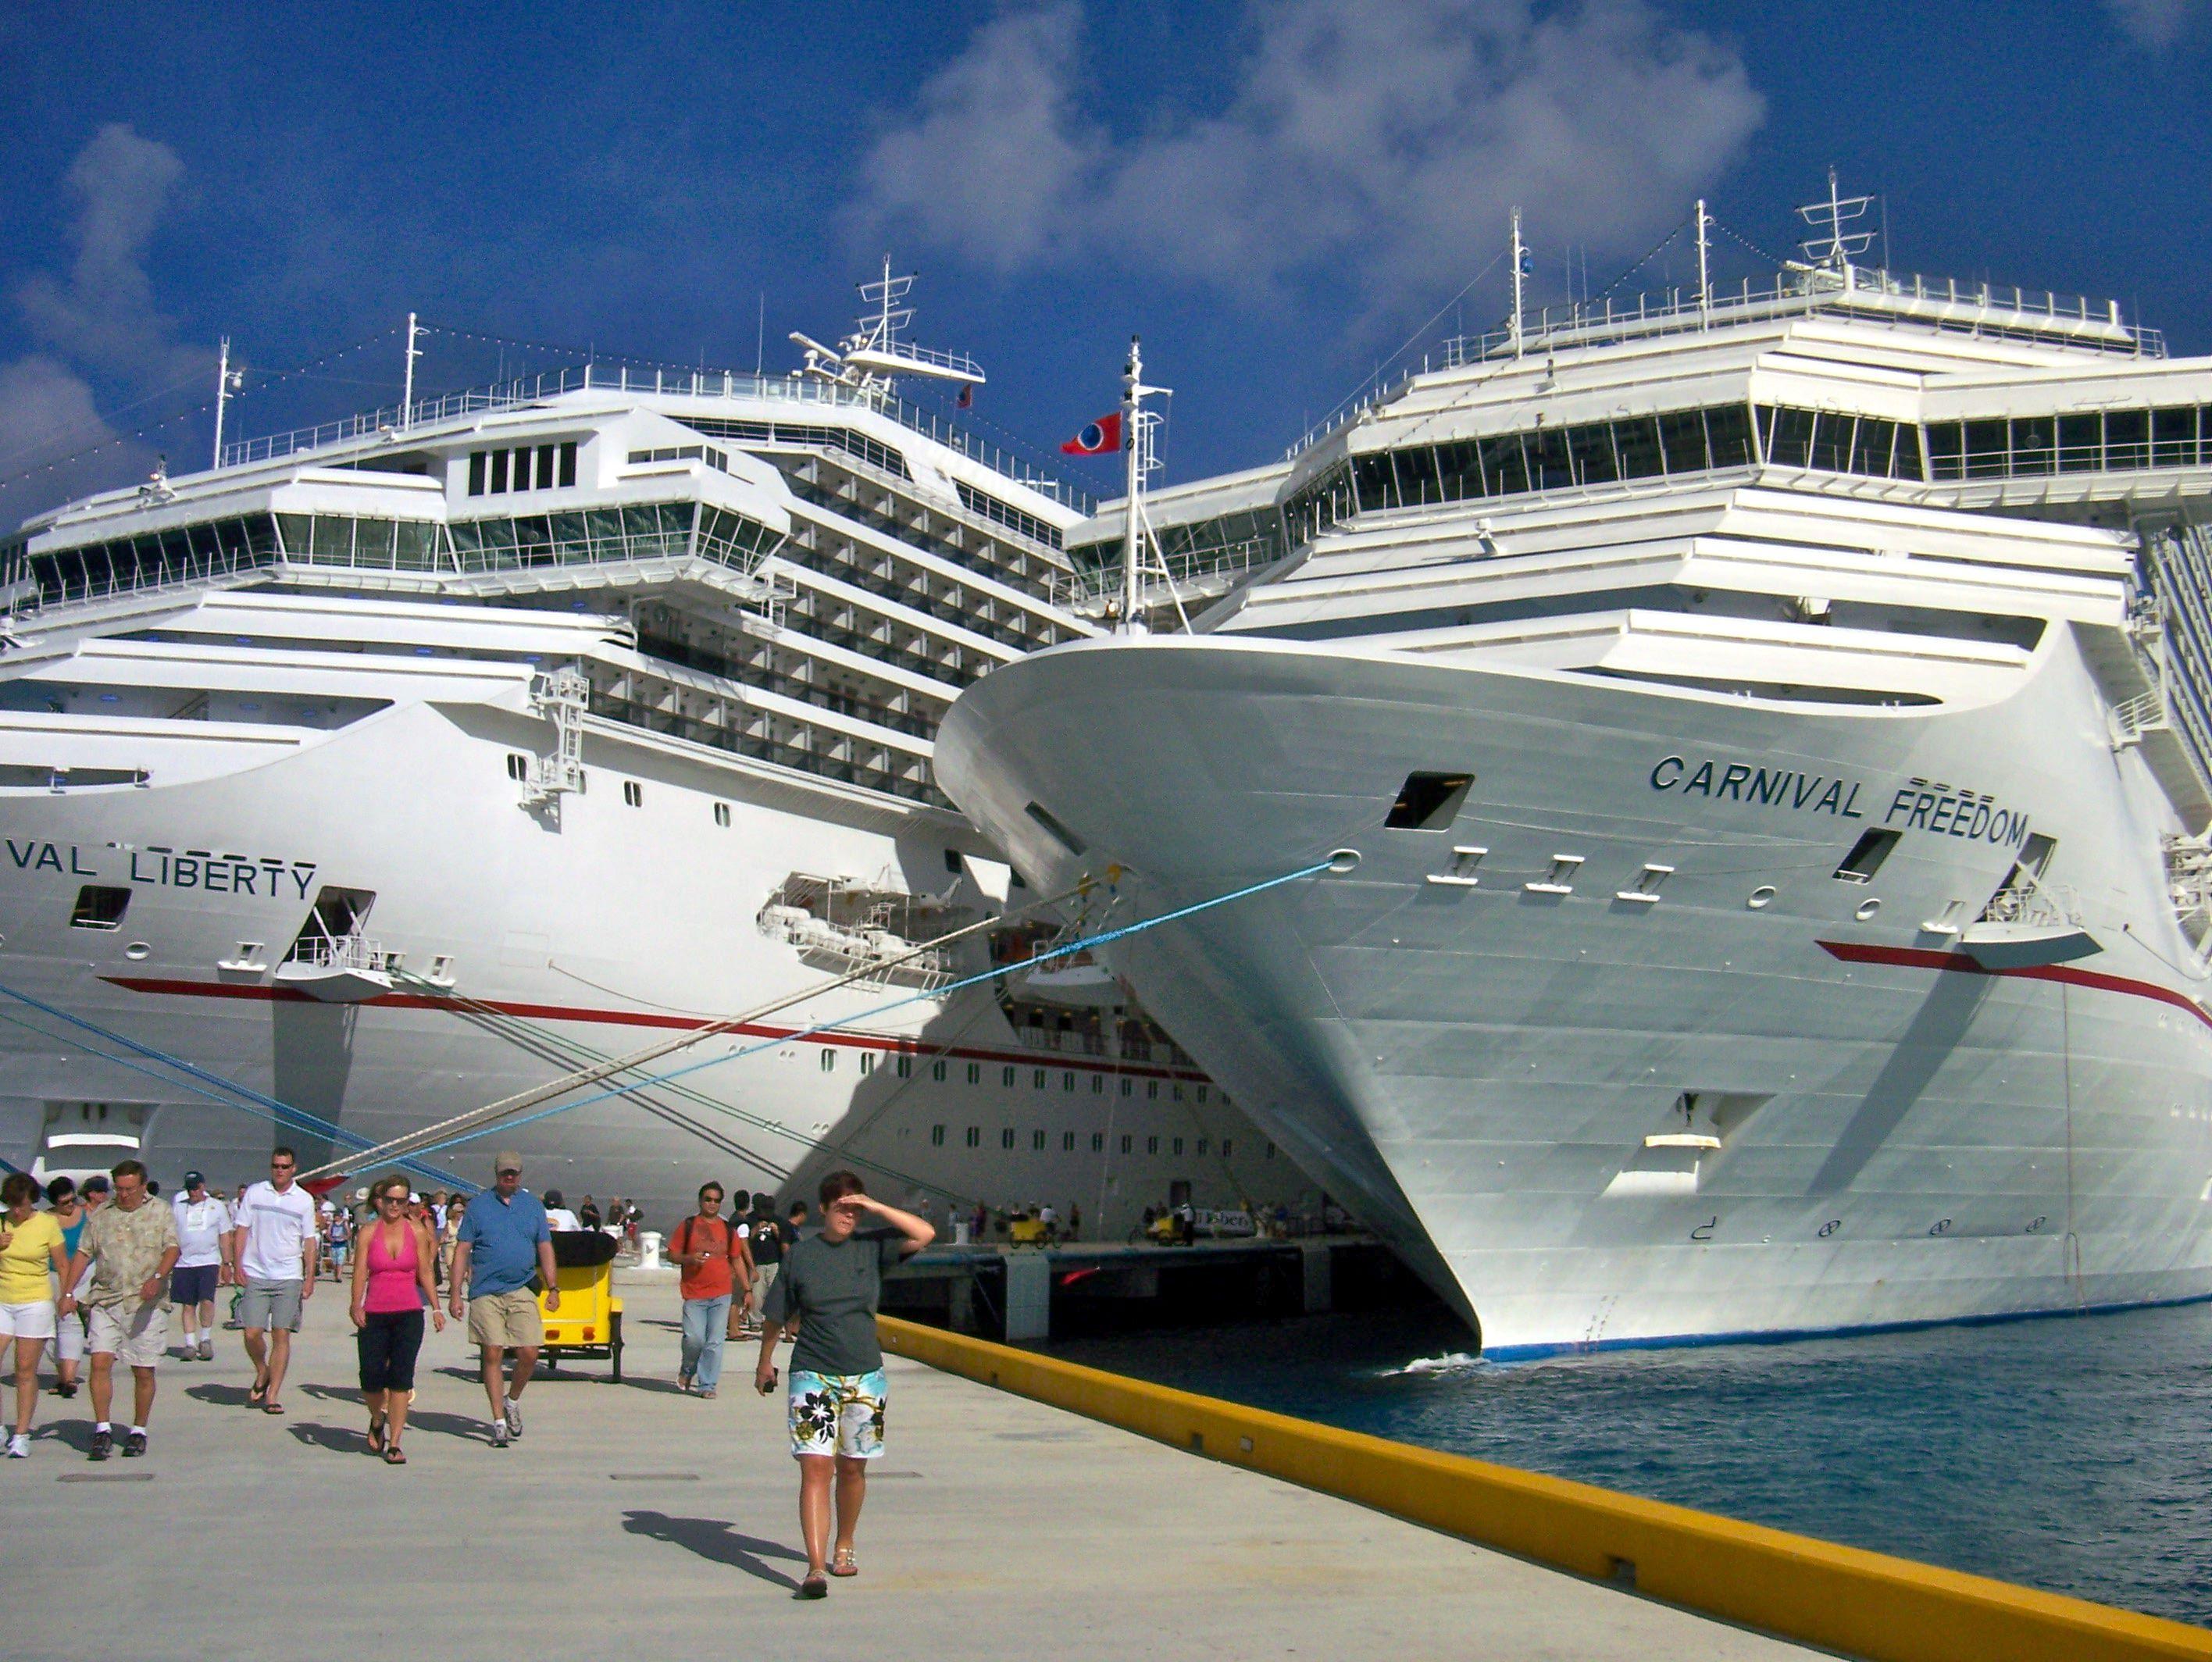 Cozumel Cruise Port Cozumel Cruise Port